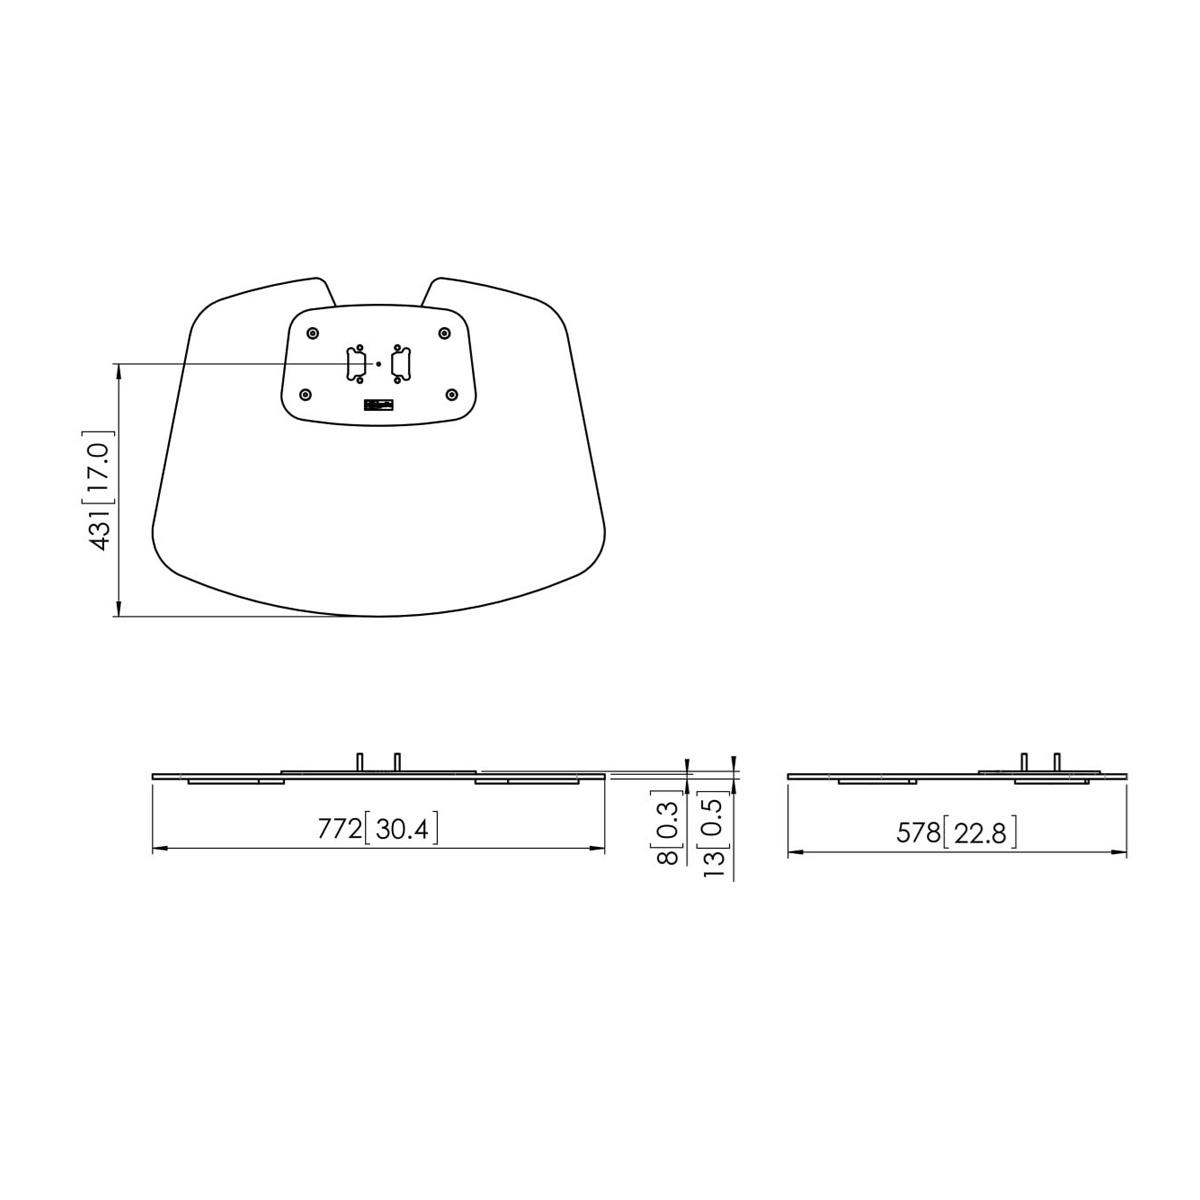 Vogels PFF 7020 Silver - Напольная стационарная пластина для стендов и стоек модульной крепежной системы Connect-it, макс. нагрузка 105 кг